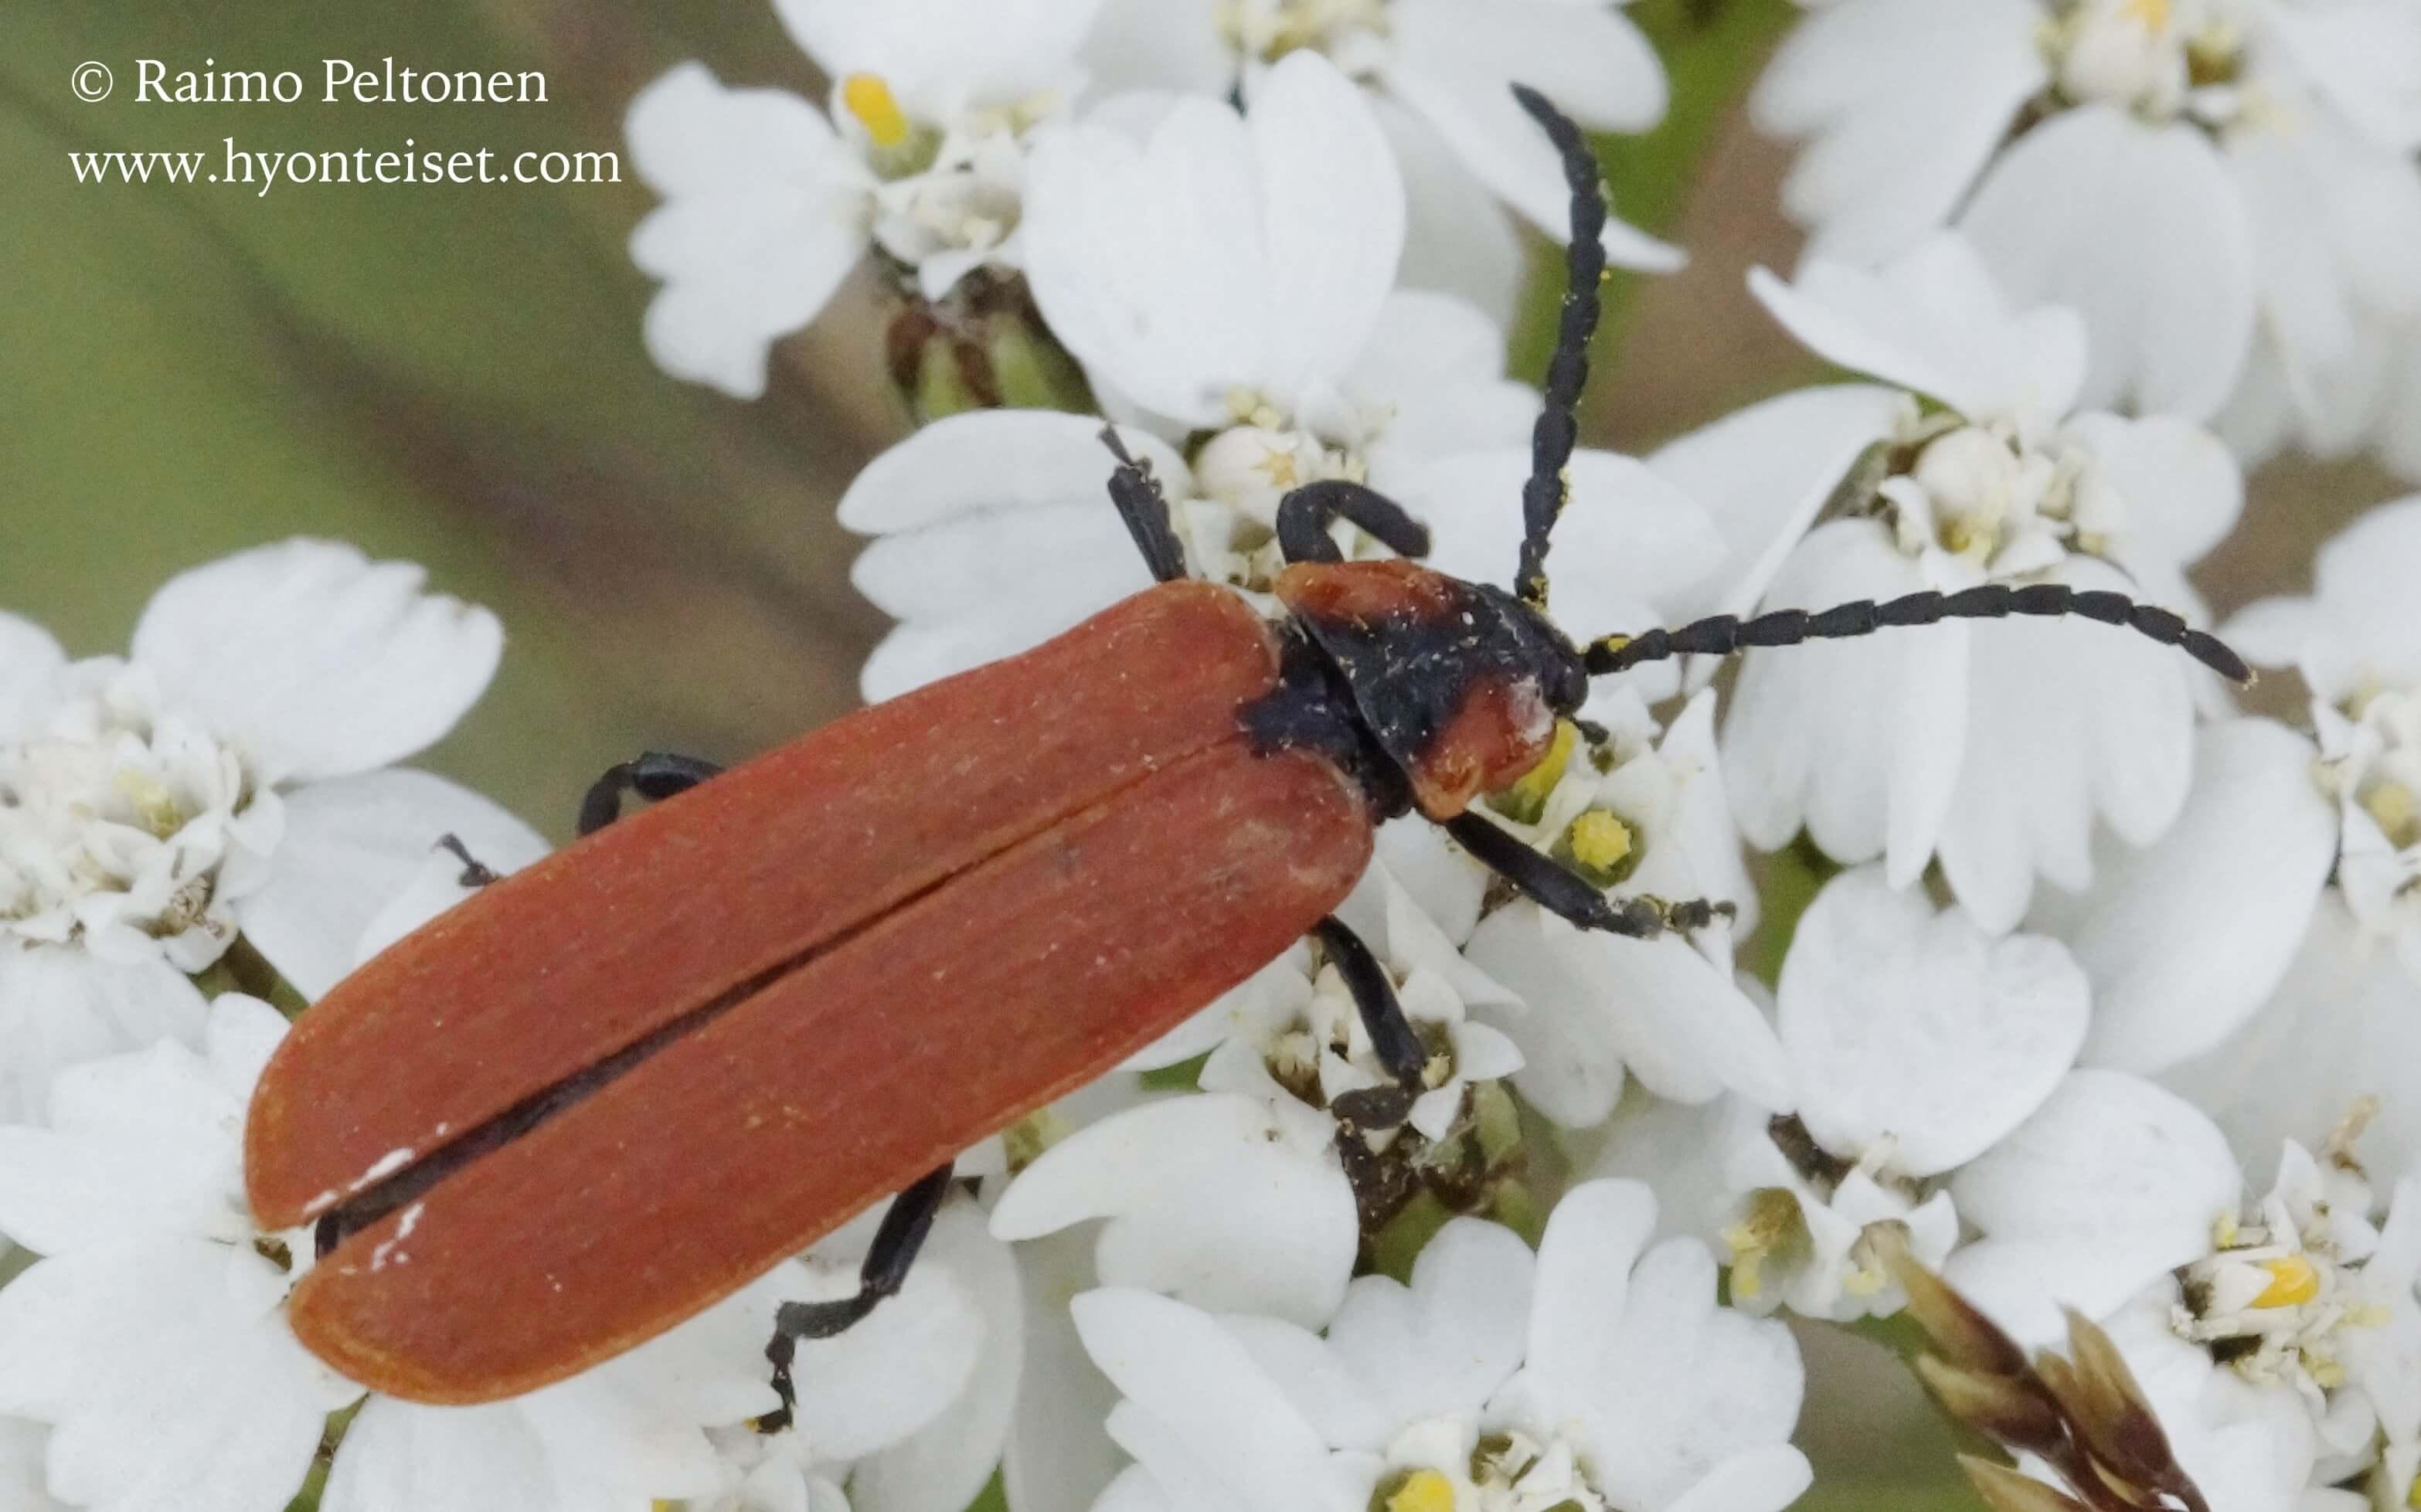 Lygistopterus sanguineus-rusokuoriainen